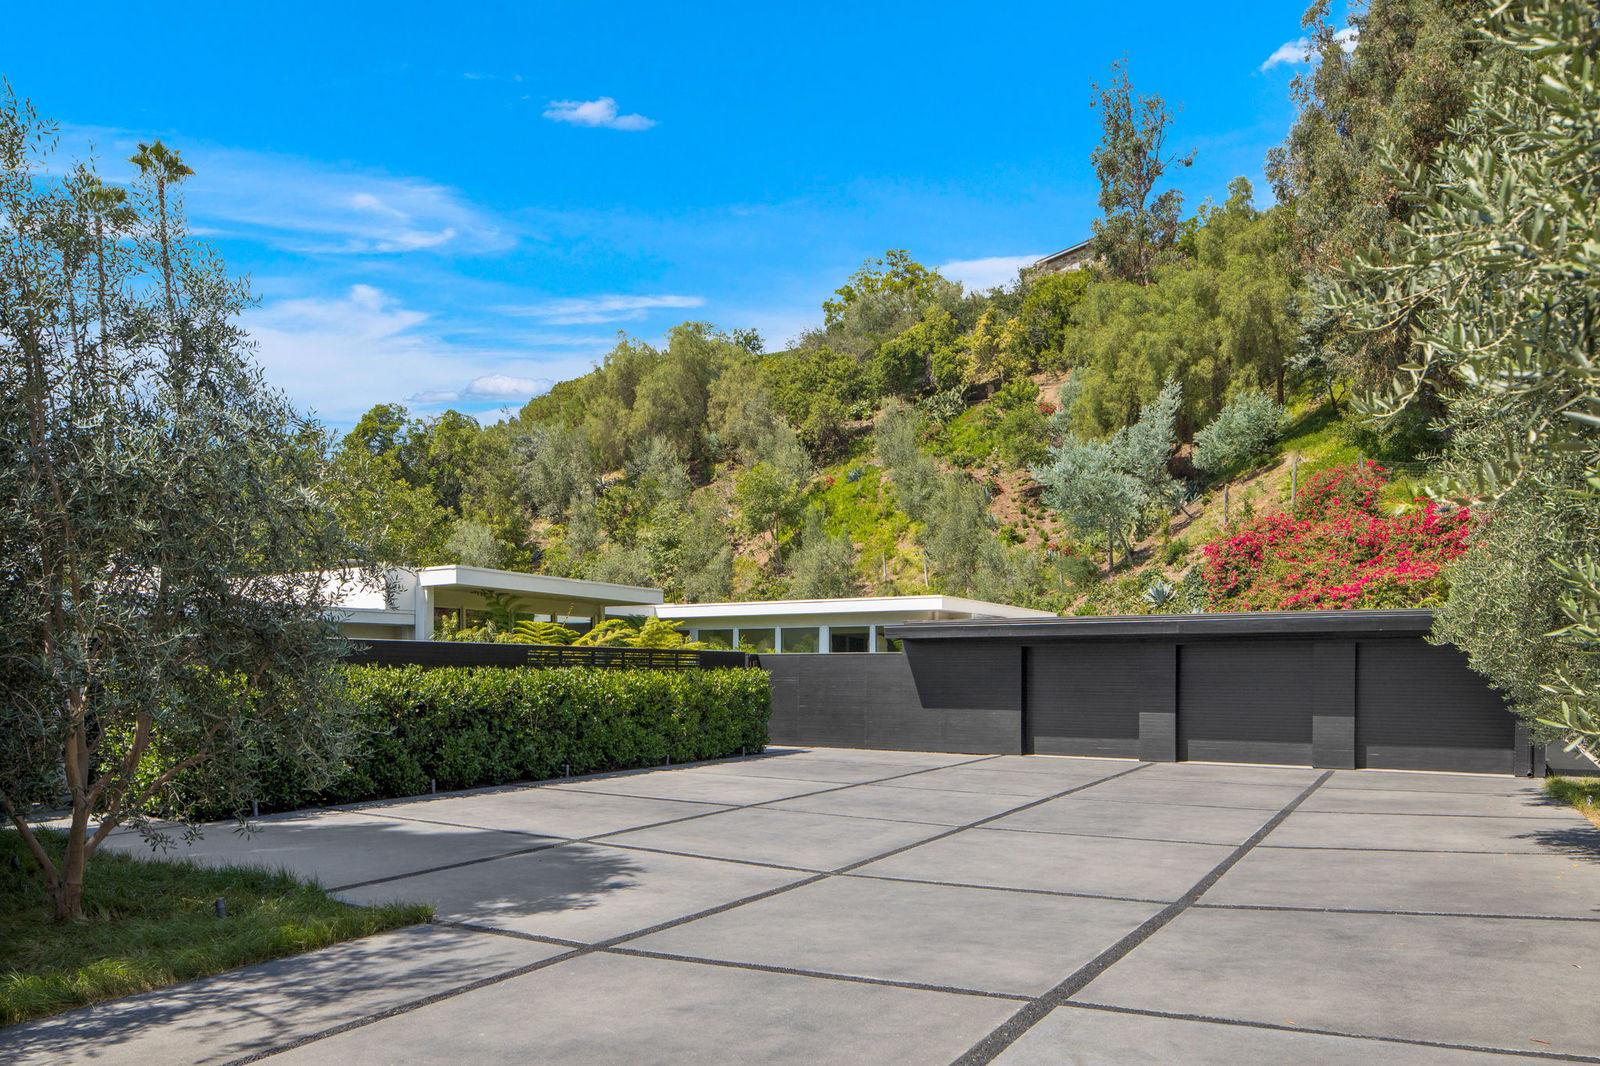 Vista del garaje de la casa de Crawford. /Foto: Oasisonlomavista